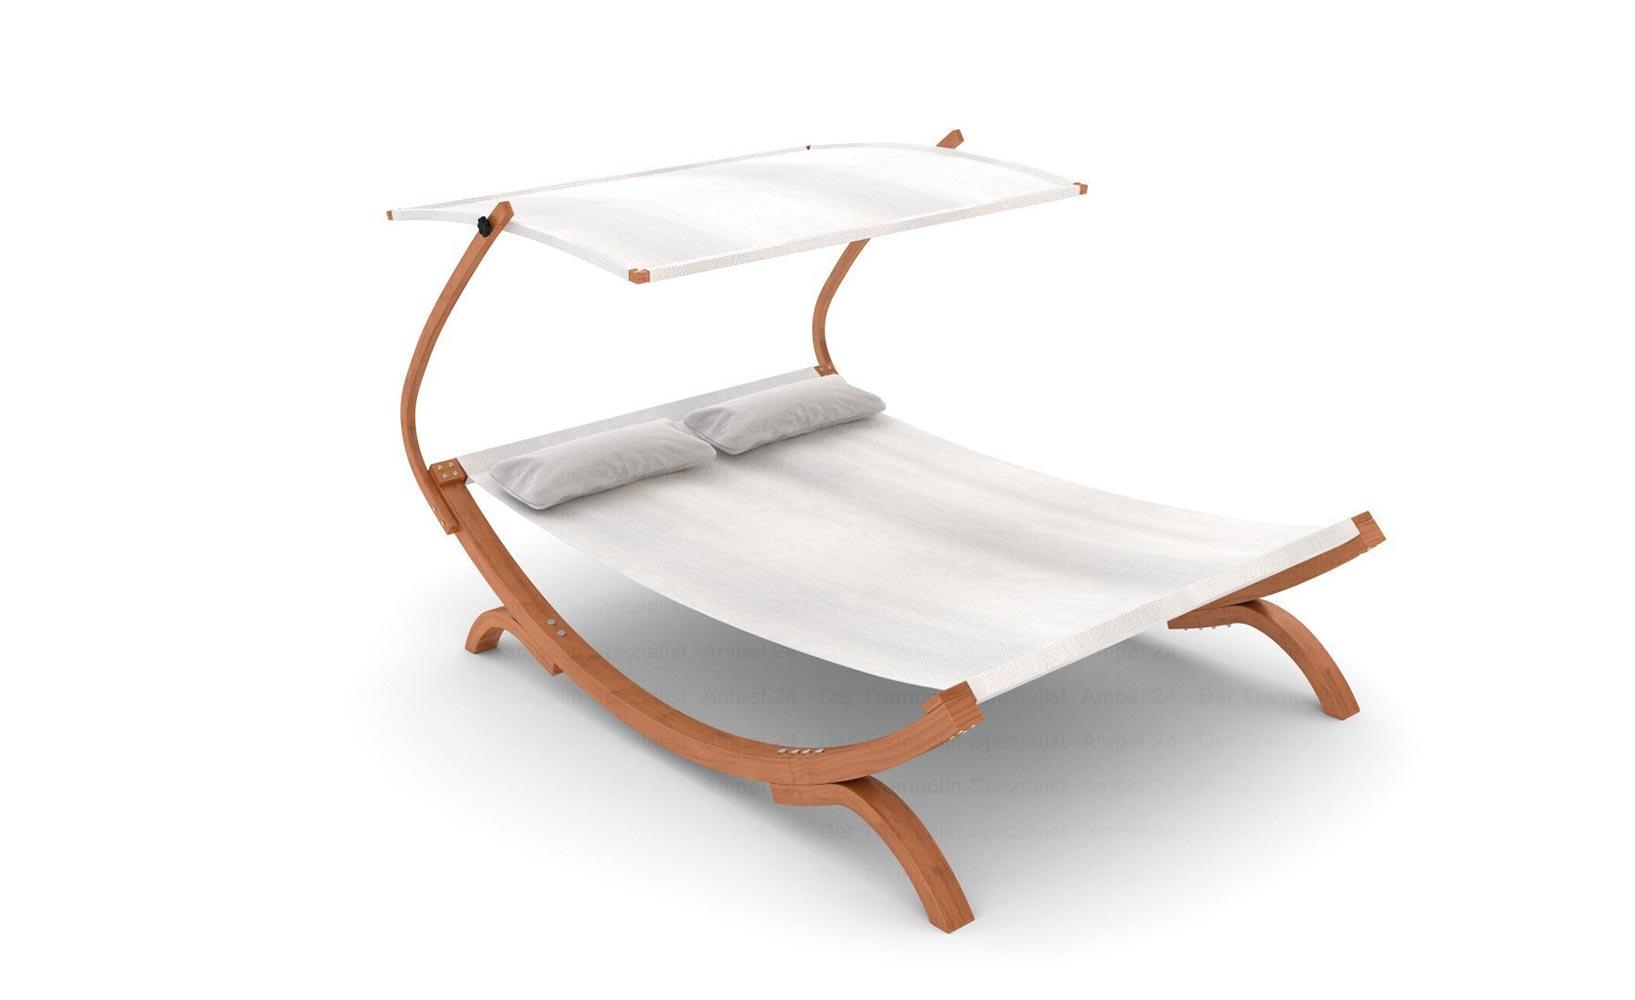 Superior Einfache Dekoration Und Mobel Die Beliebtesten Und Bequemsten Liegestuehle Fuer Den Sommer #2: Liegestuhl Für Zwei